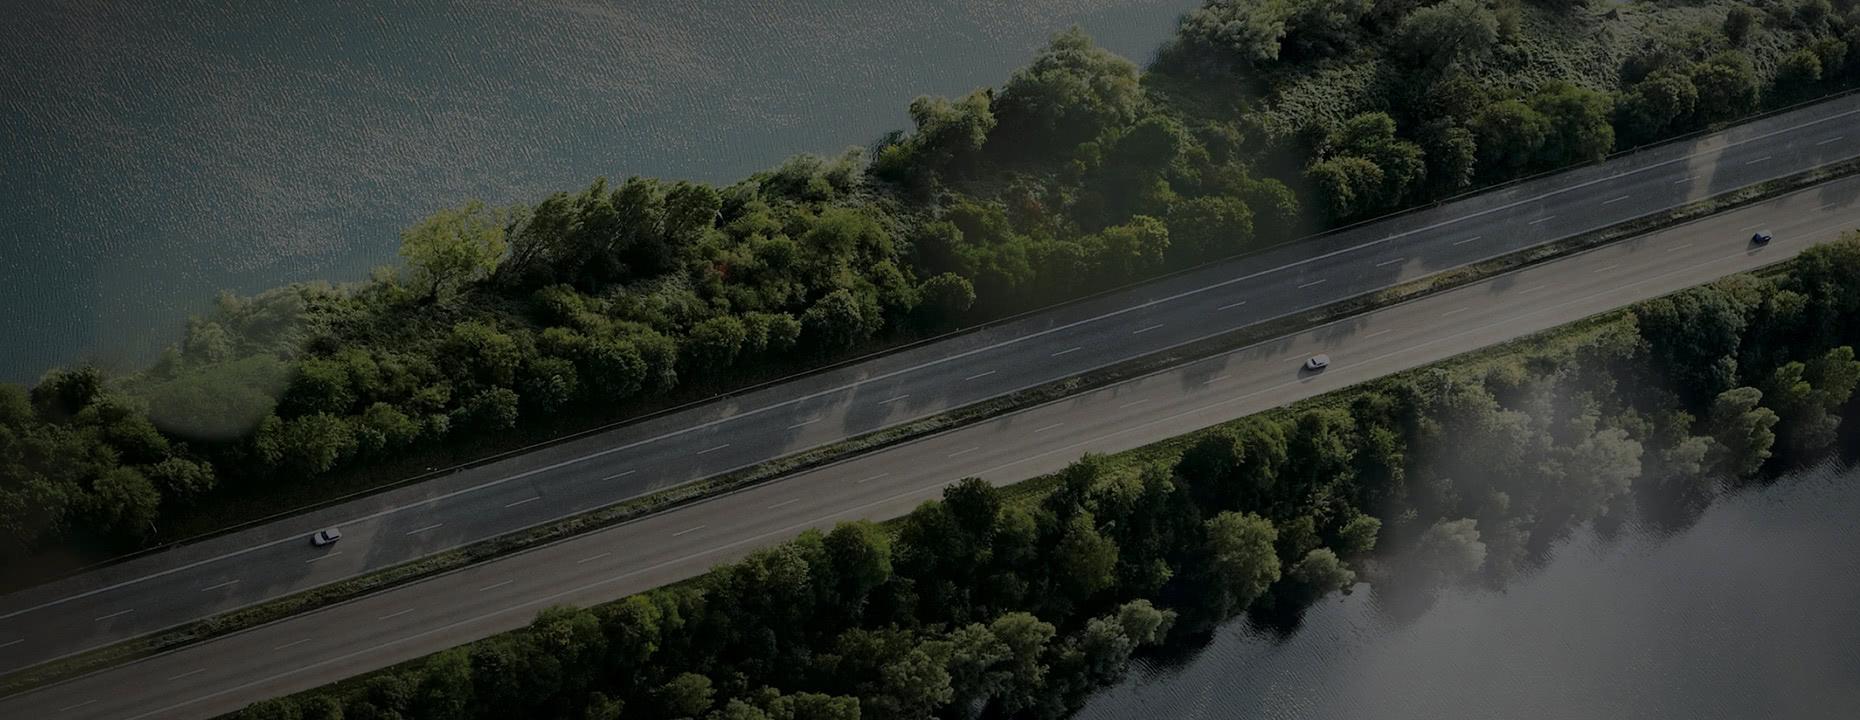 Португальський тріумф Hyundai Motorsport | ТОВ «Хюндай Центр Полтава» - фото 8